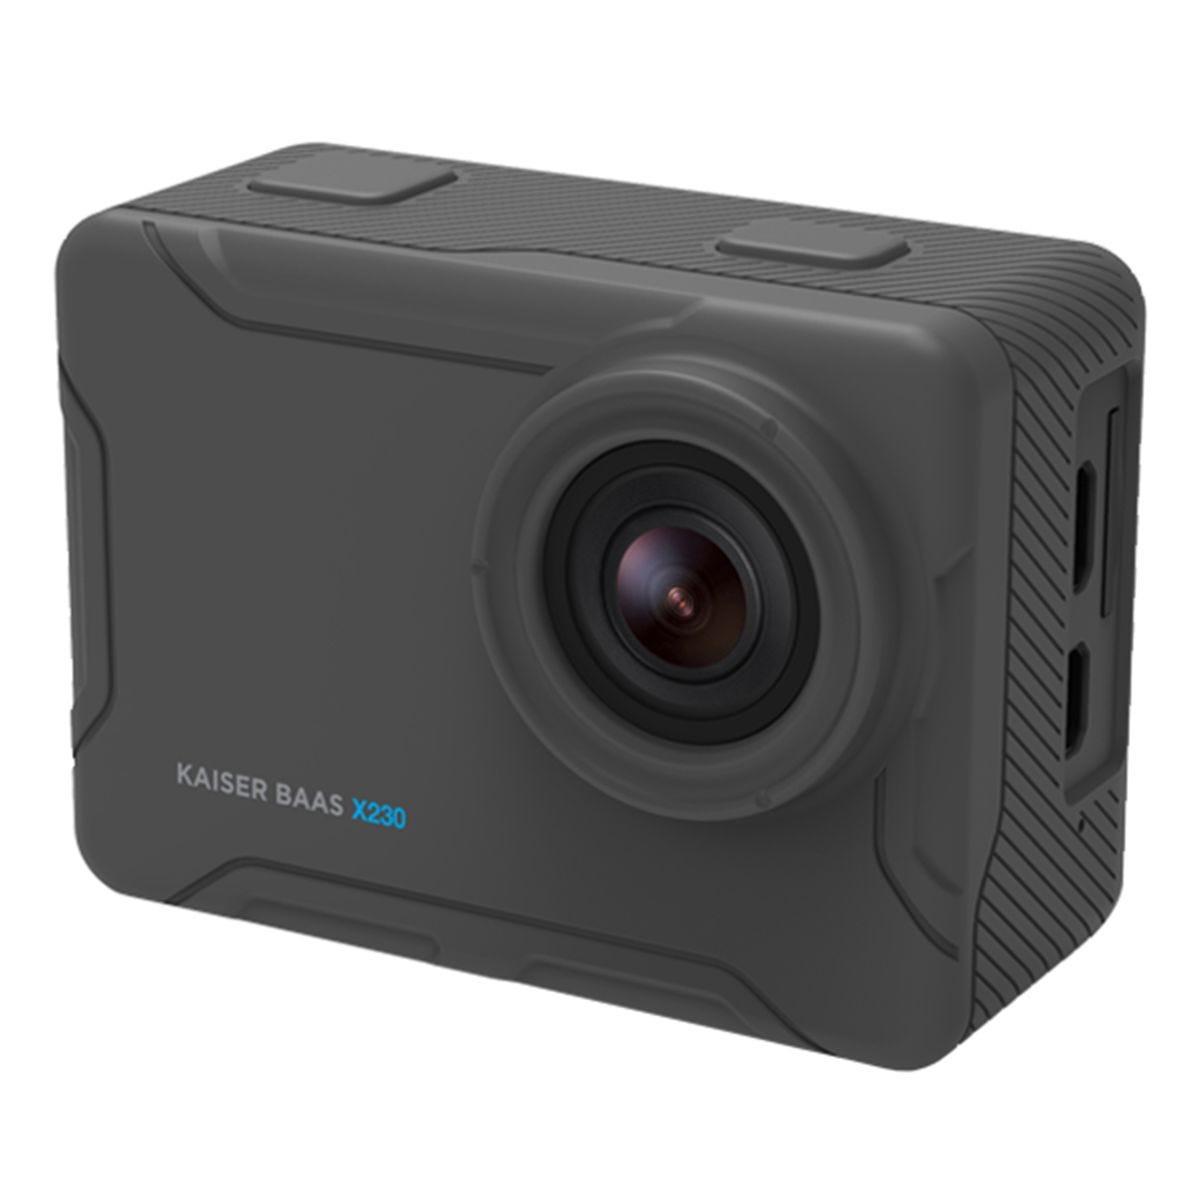 Kaiser Baas X230 FHD 1080p Action Camera - 60FPS